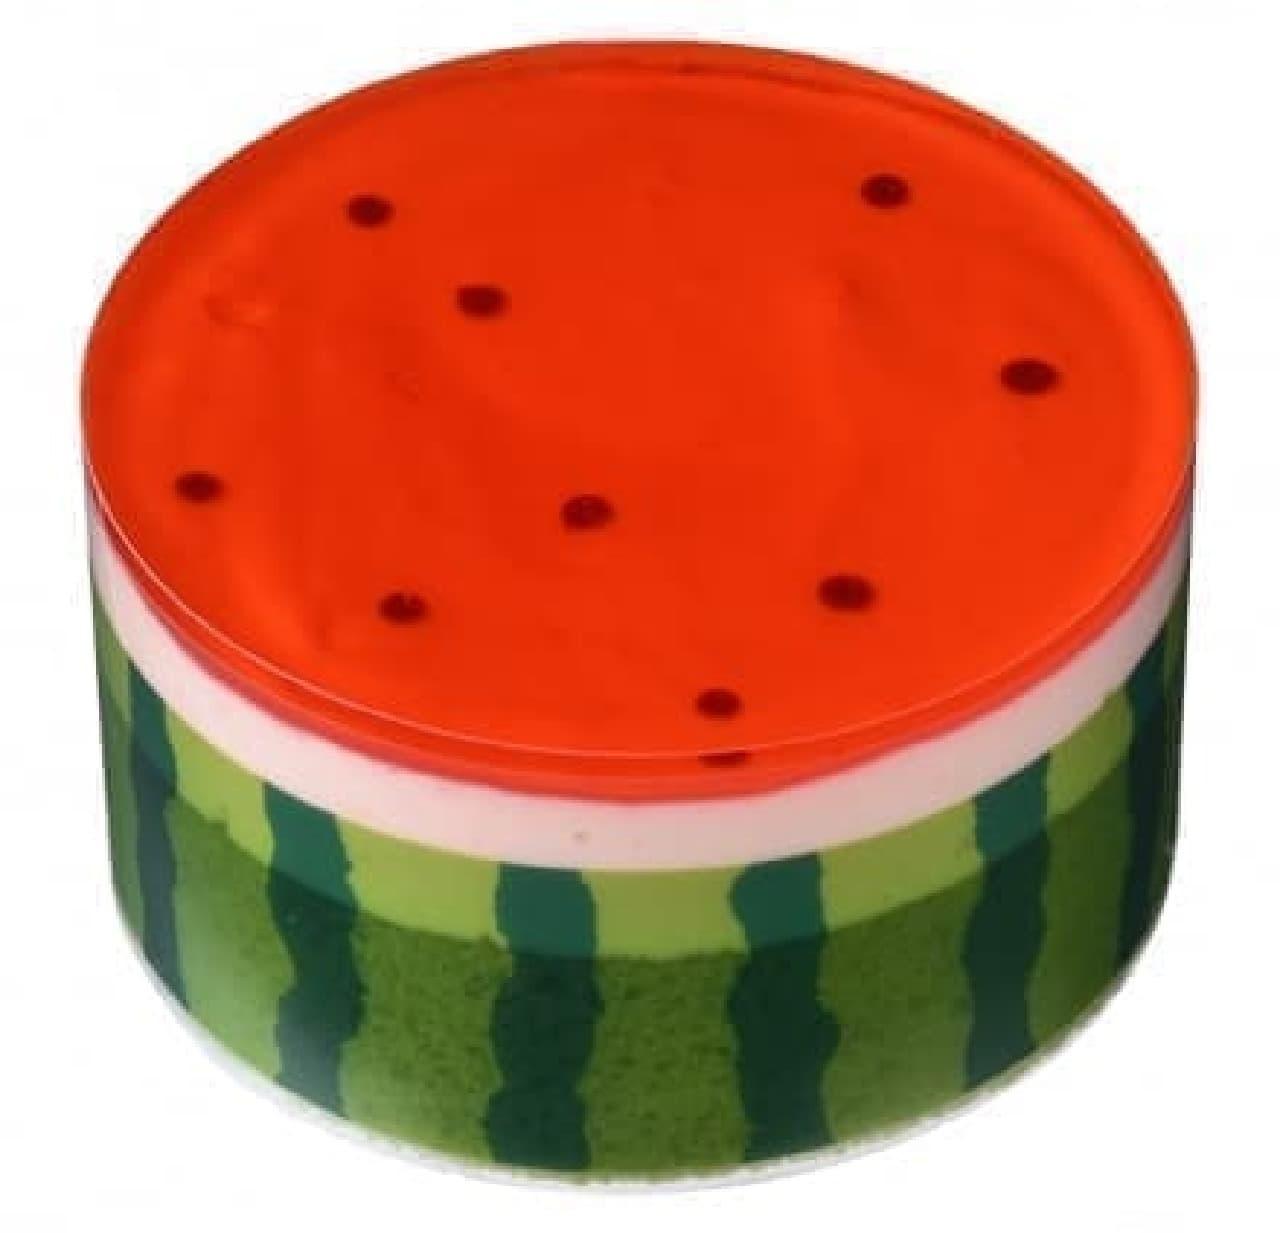 銀座コージーコーナー「スイカのケーキ」